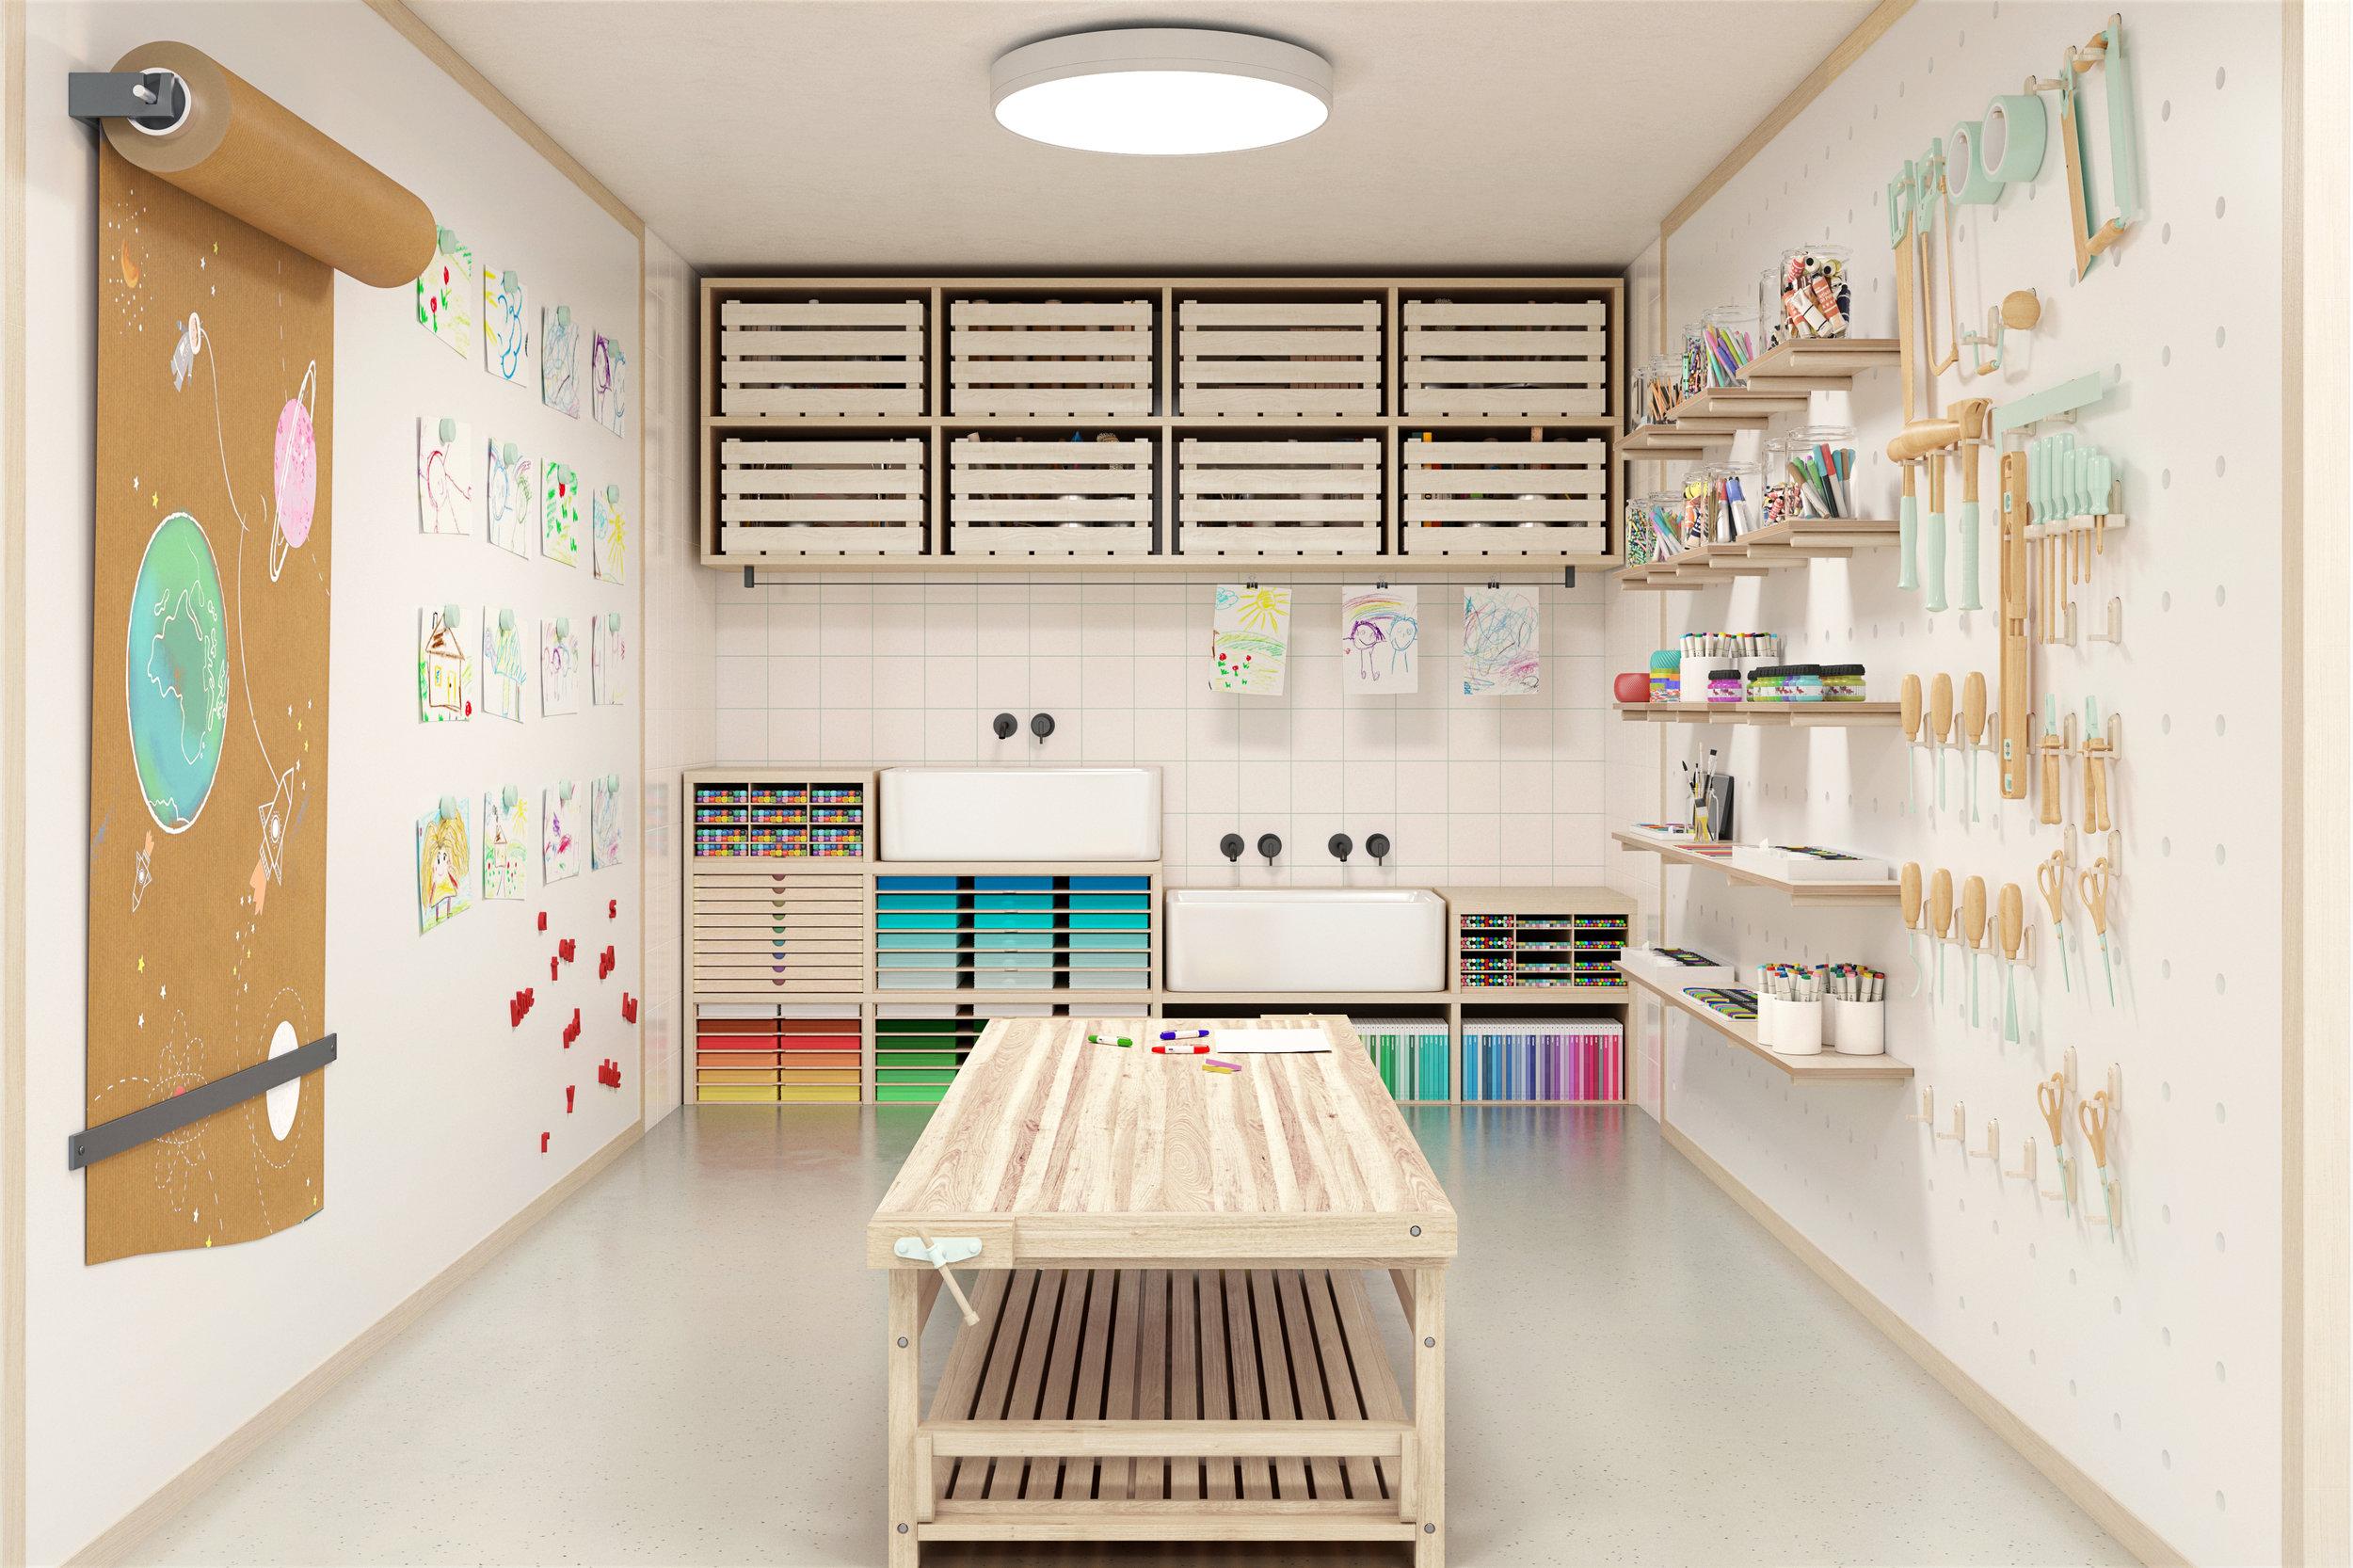 Art_Room_180604_Green.jpg